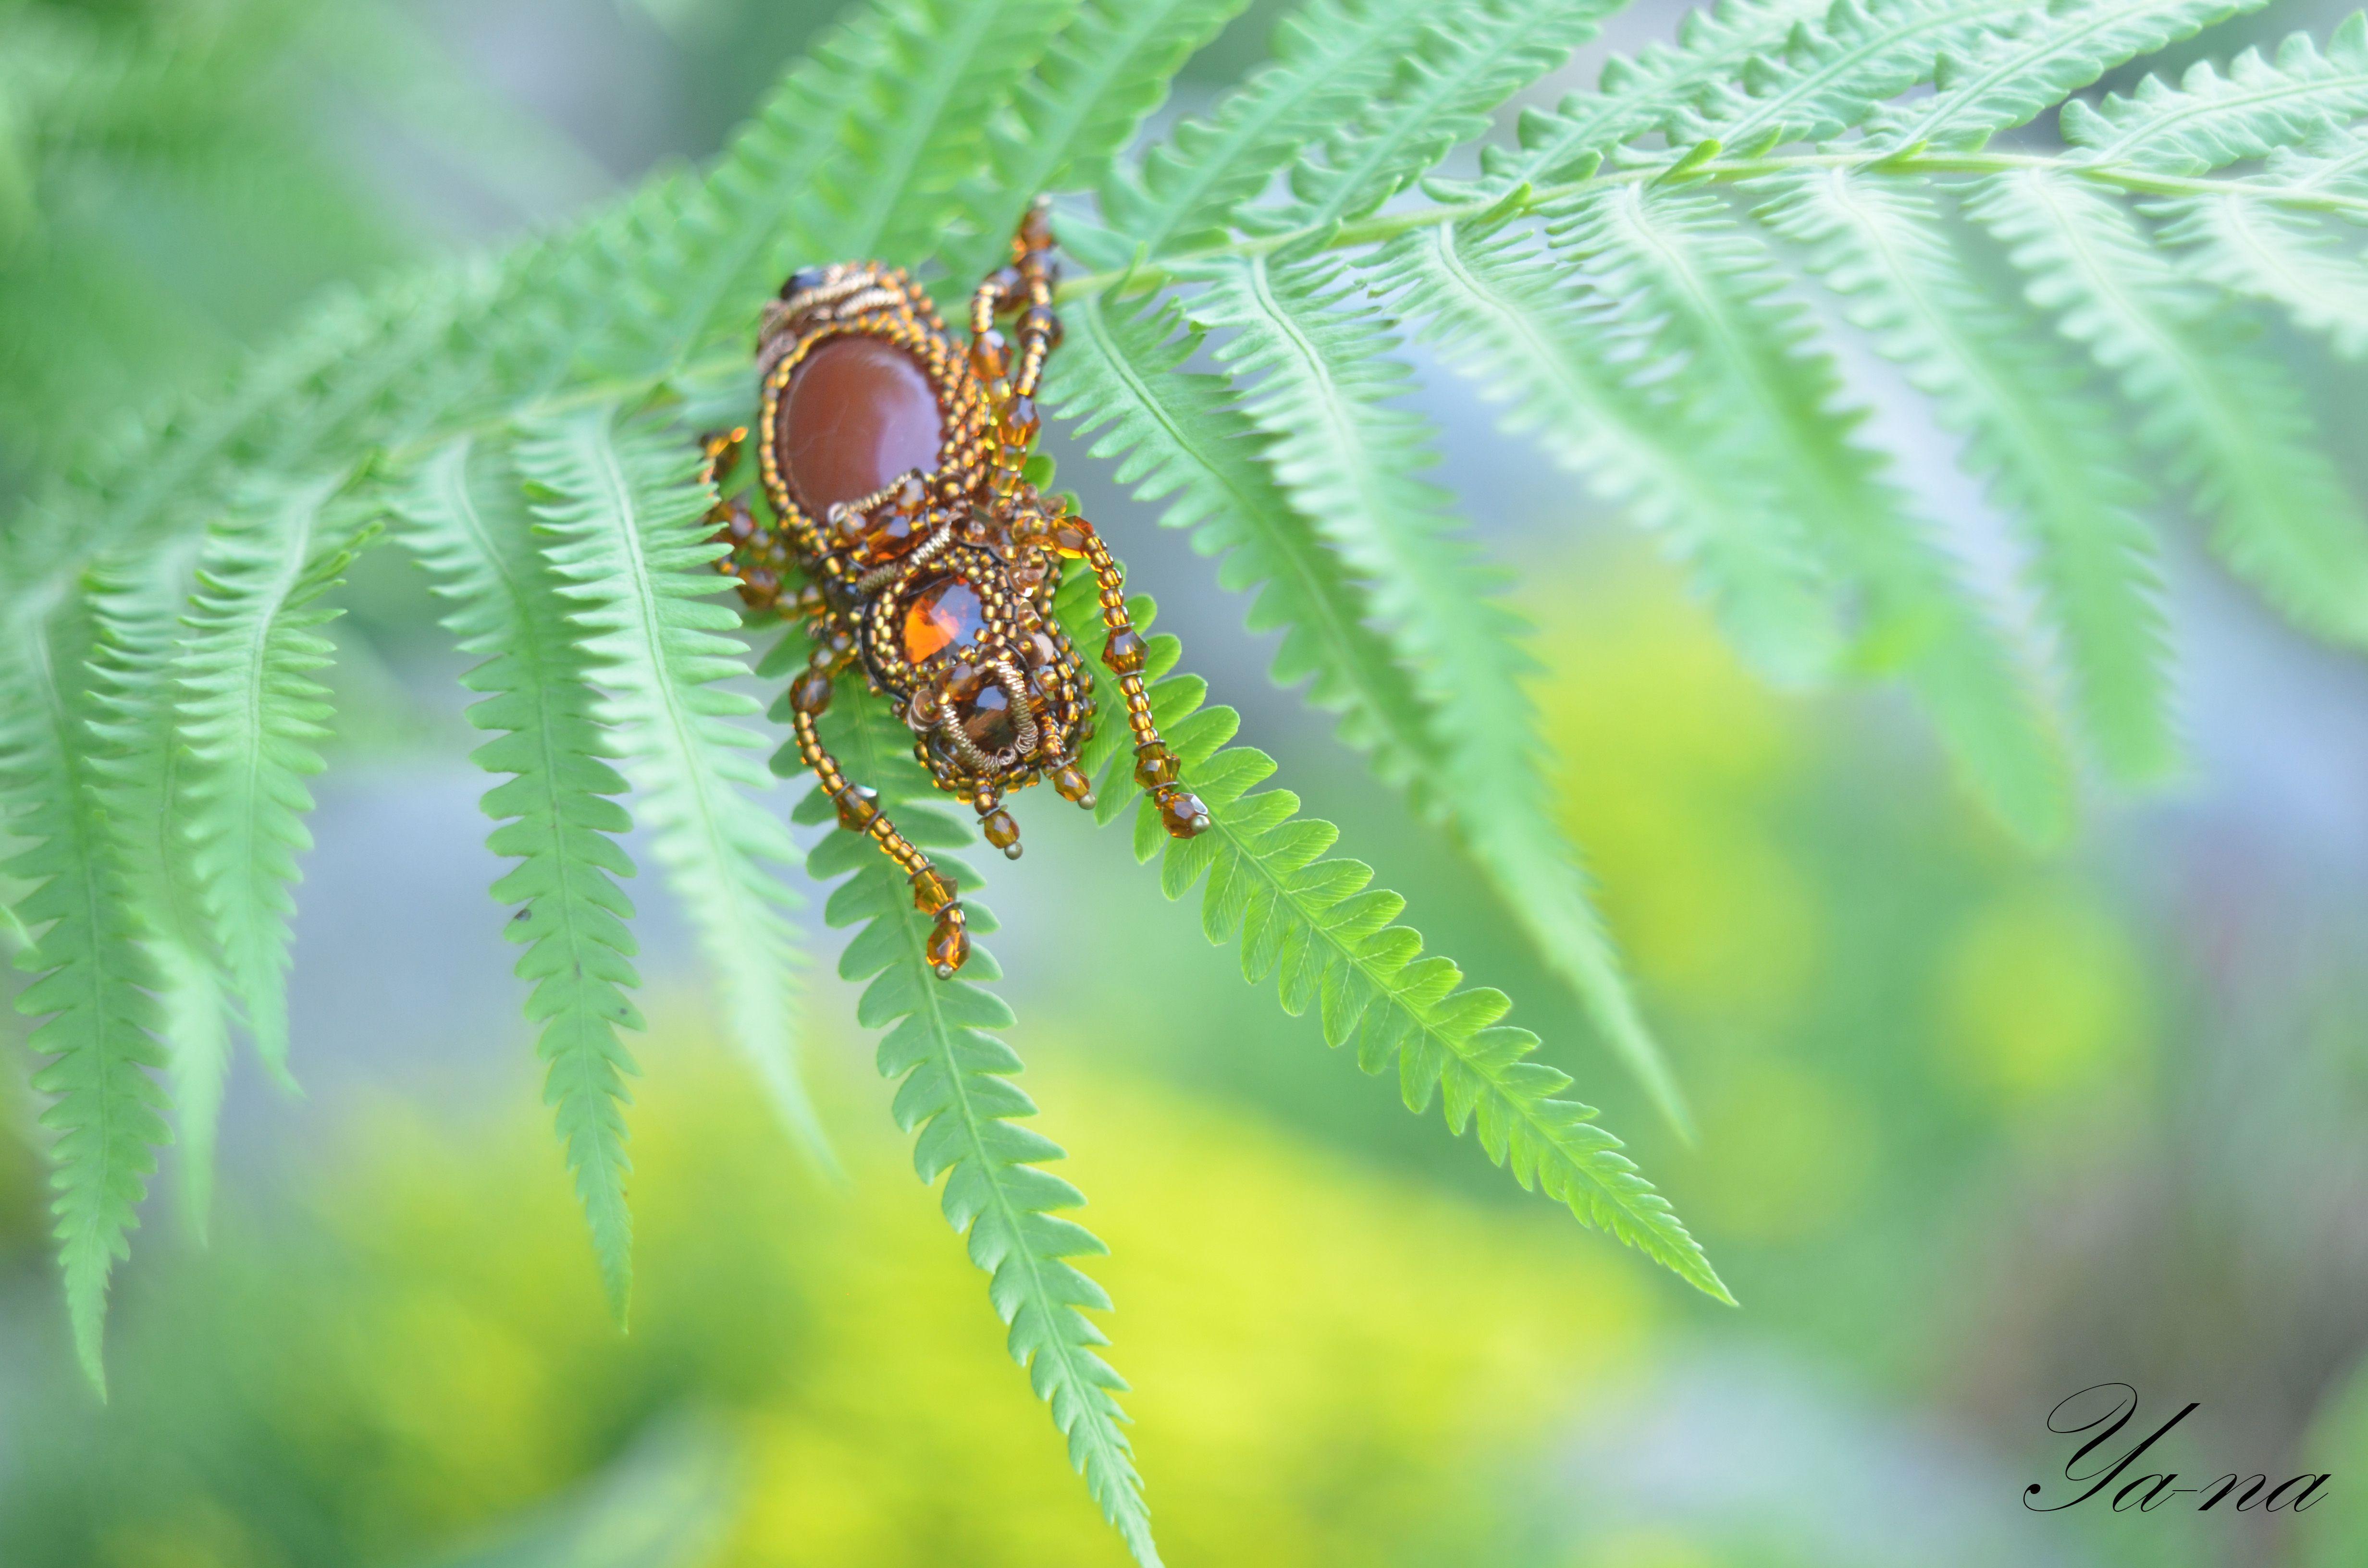 купитьжука бисерныйжук жукизбисера жуккоричневый брошьжук купитьброшь насекомое брошьизбисера длялюбимой брошьвподарок